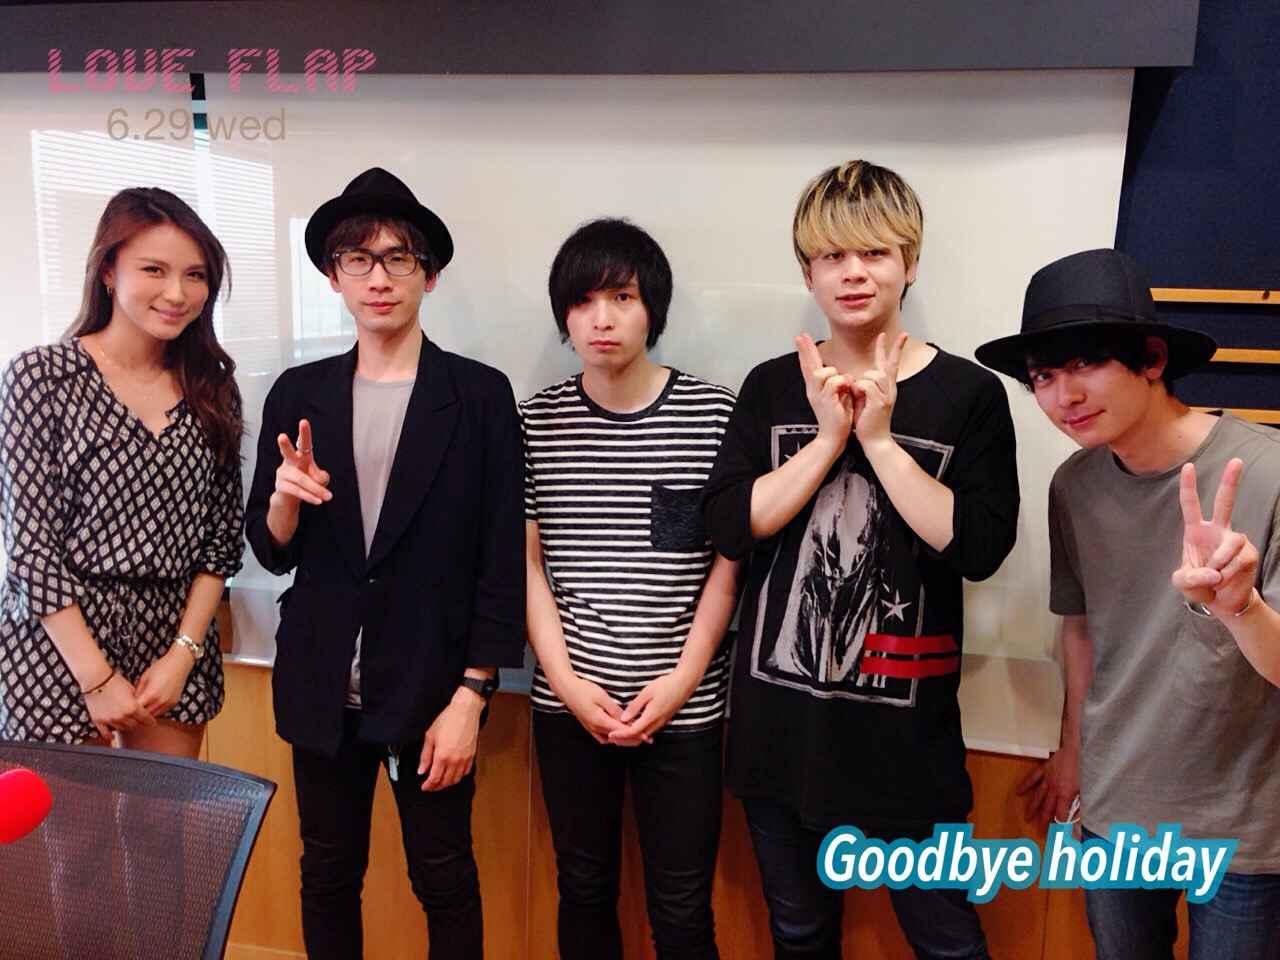 画像: 6/29(水) 今日のゲスト「Goodbye holiday」